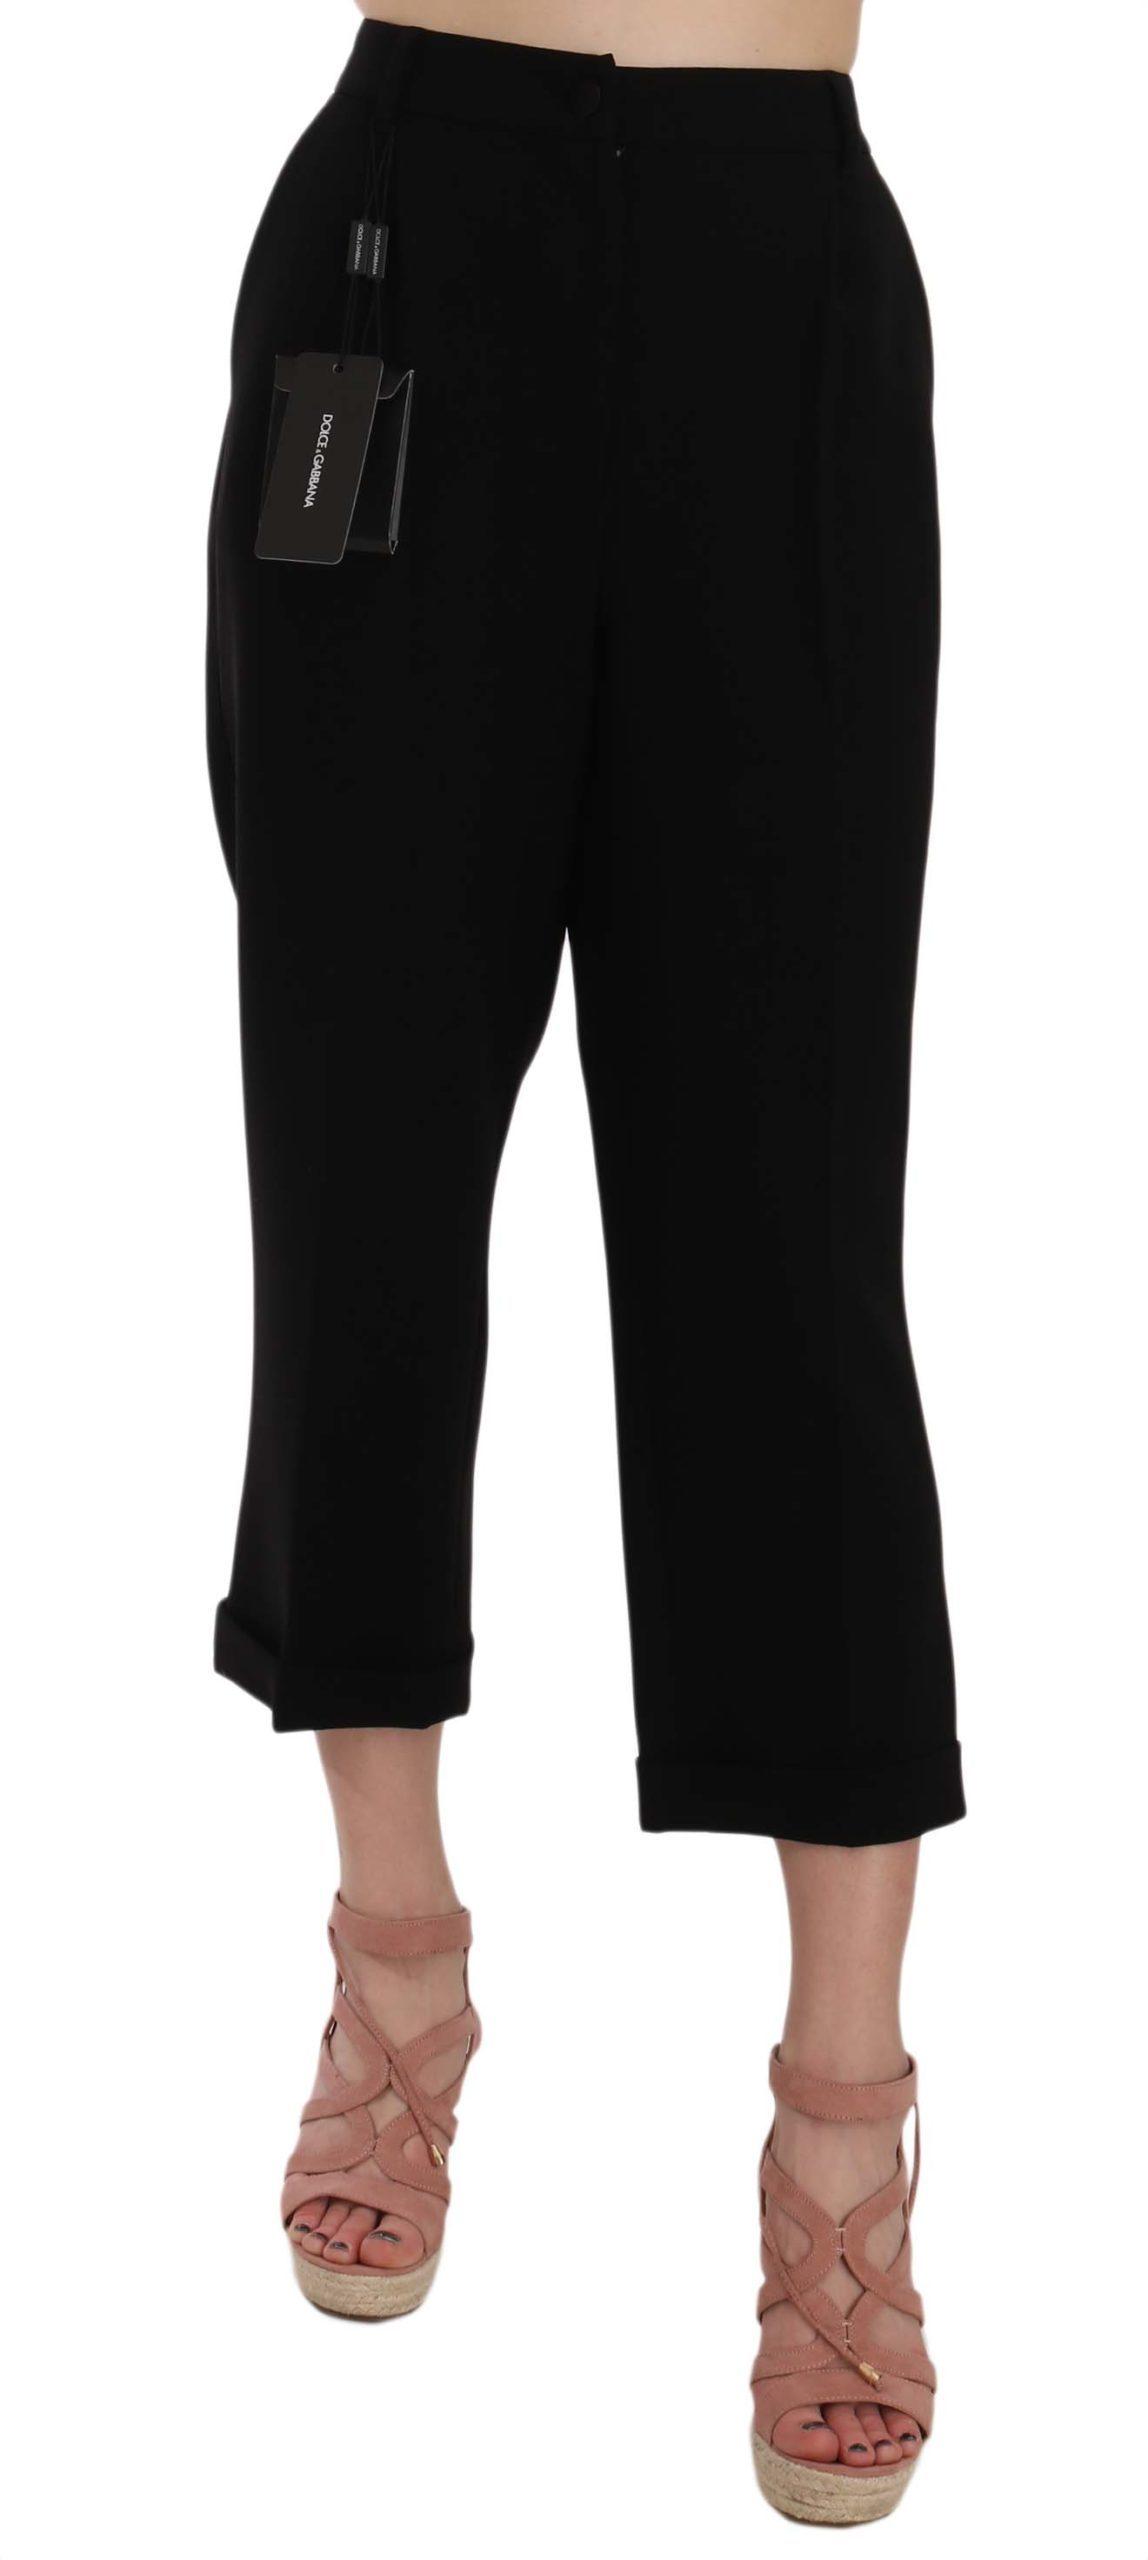 Dolce & Gabbana Women's Trouser Black PAN61026 - IT48 XXL